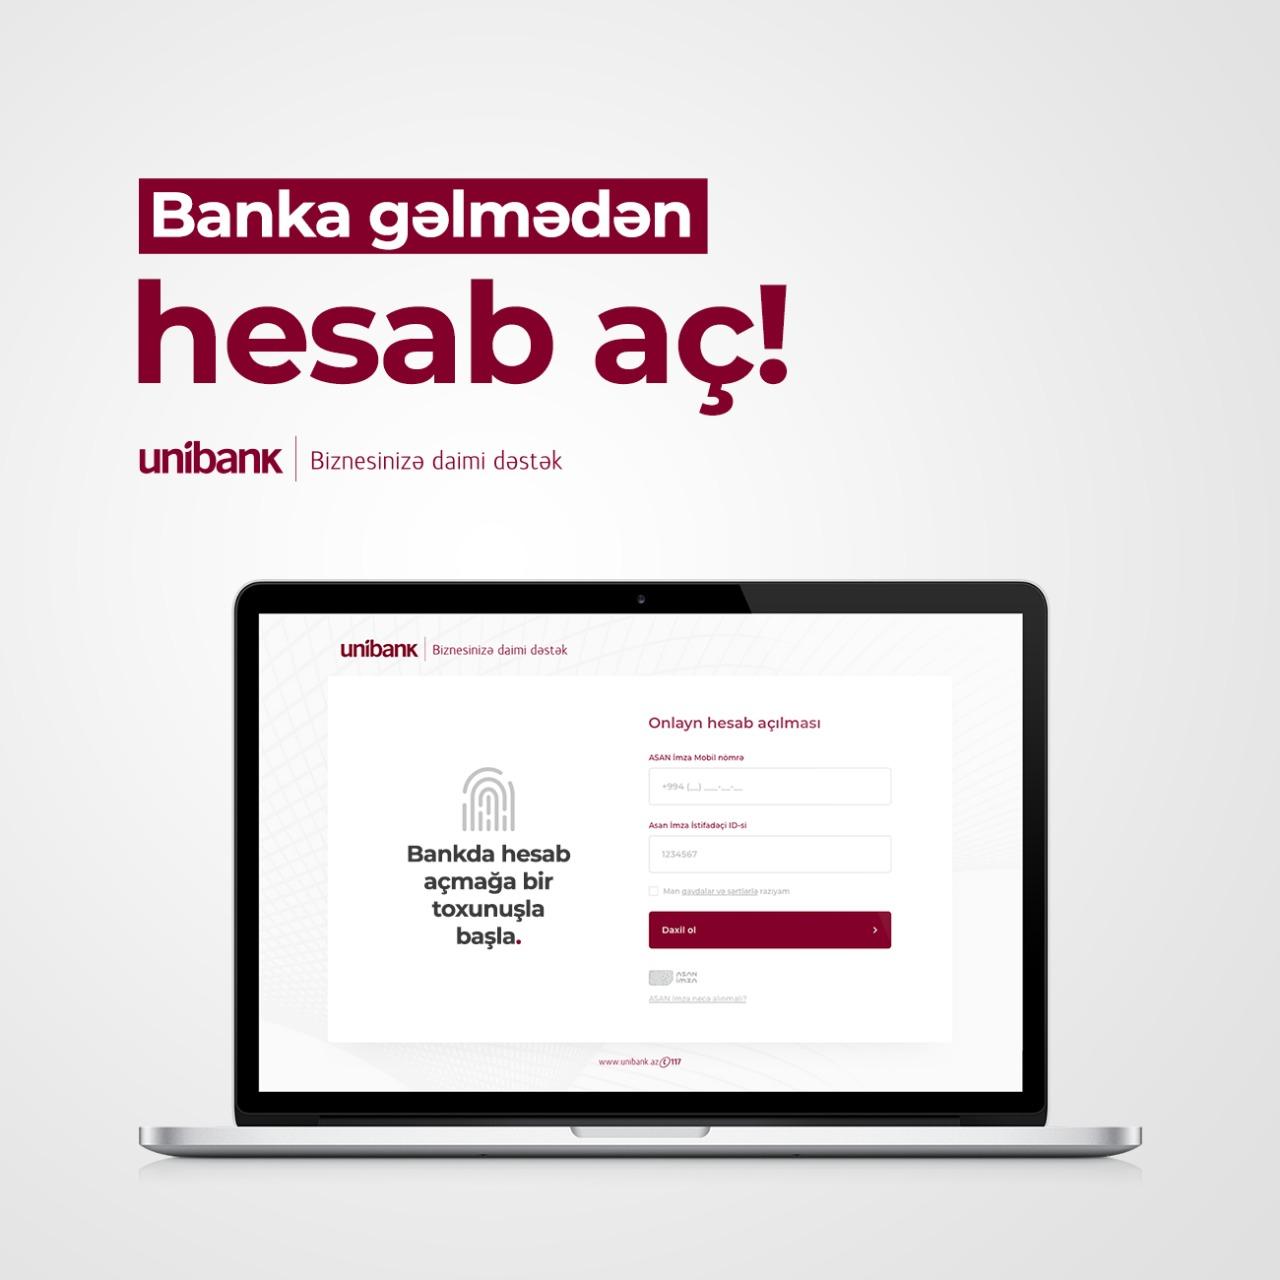 Unibank biznes sahiblərinə banka gəlmədən onlayn hesab açmaq imkanı yaradıb